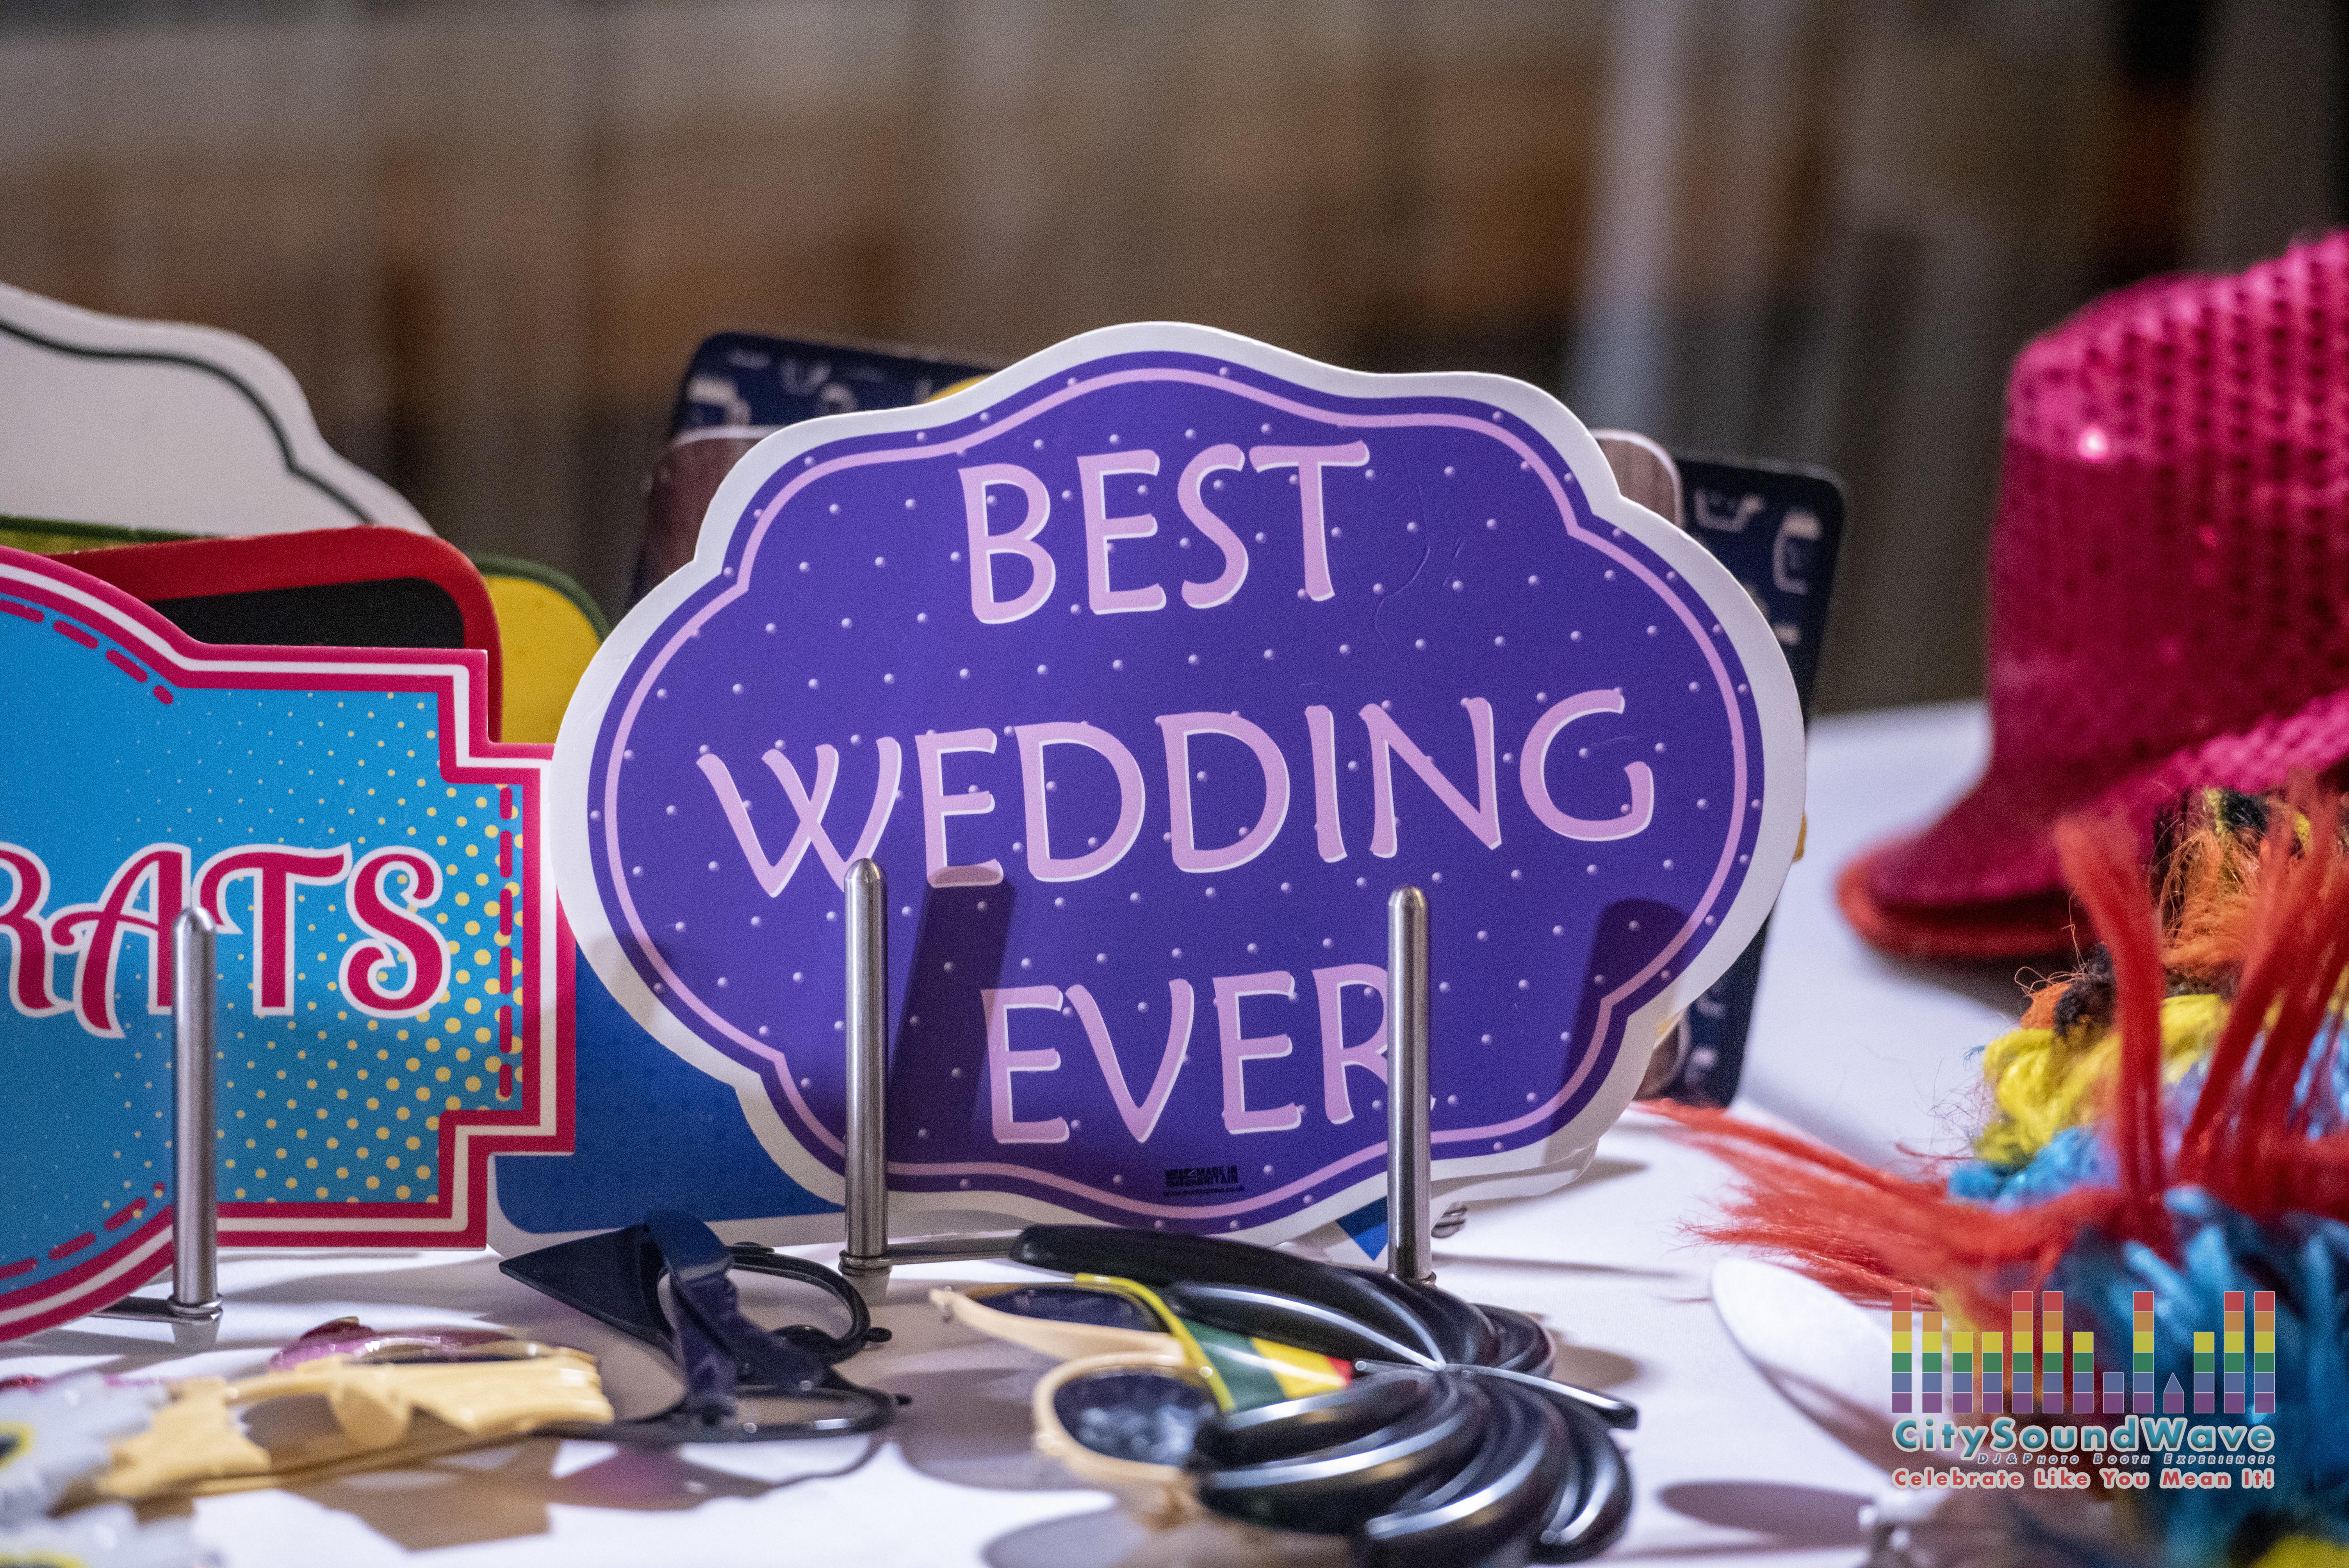 Best Wedding Ever Props